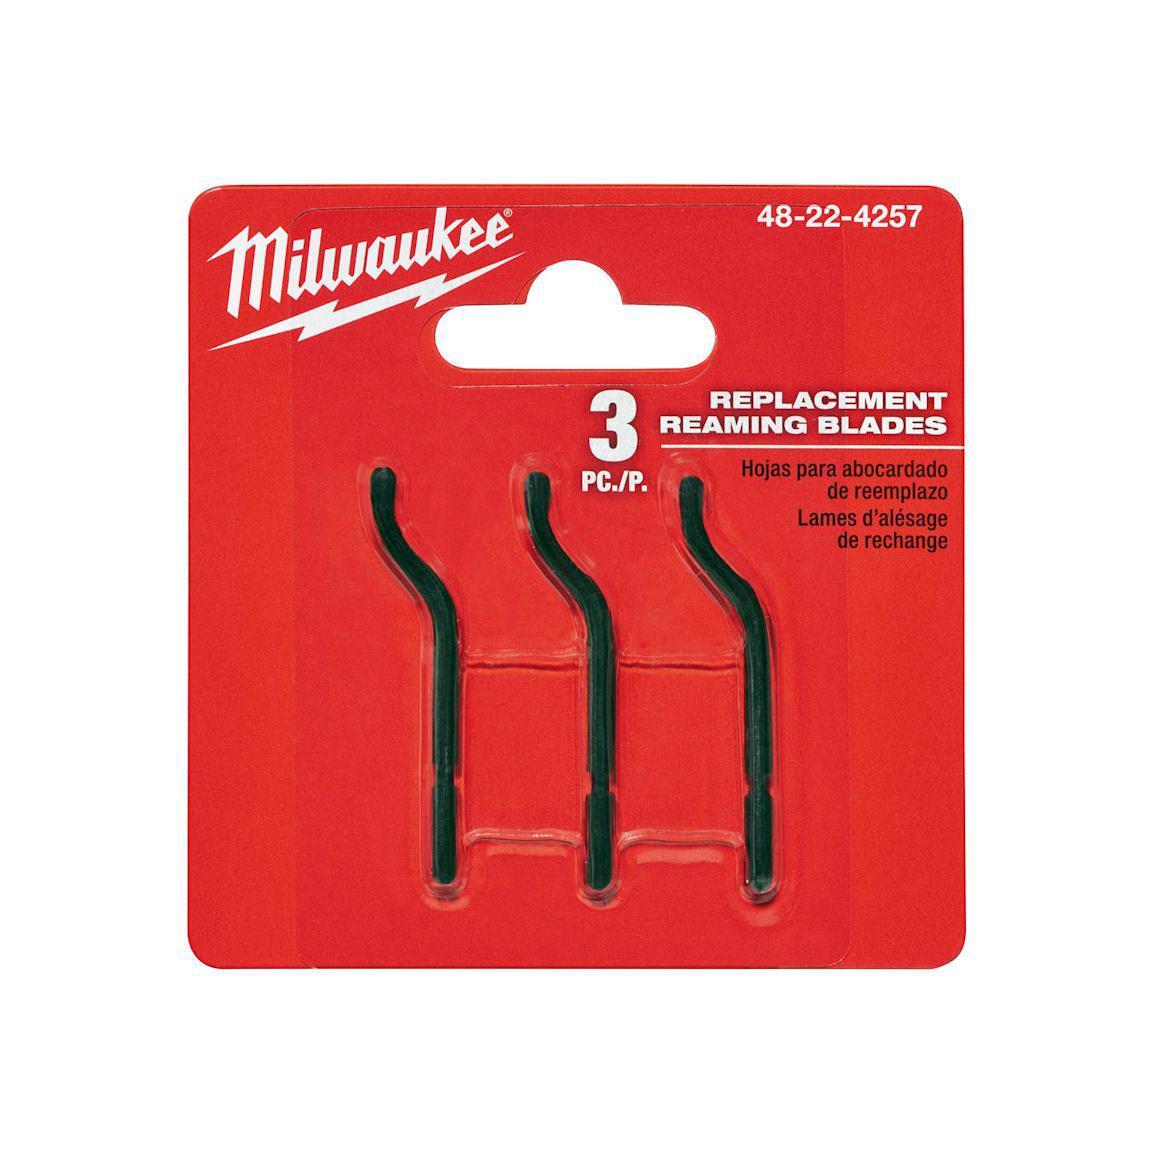 Milwaukee T48224257 Ağır Hizmet Tipi Çapak Temizleme Kalemi Yedeği 3lü